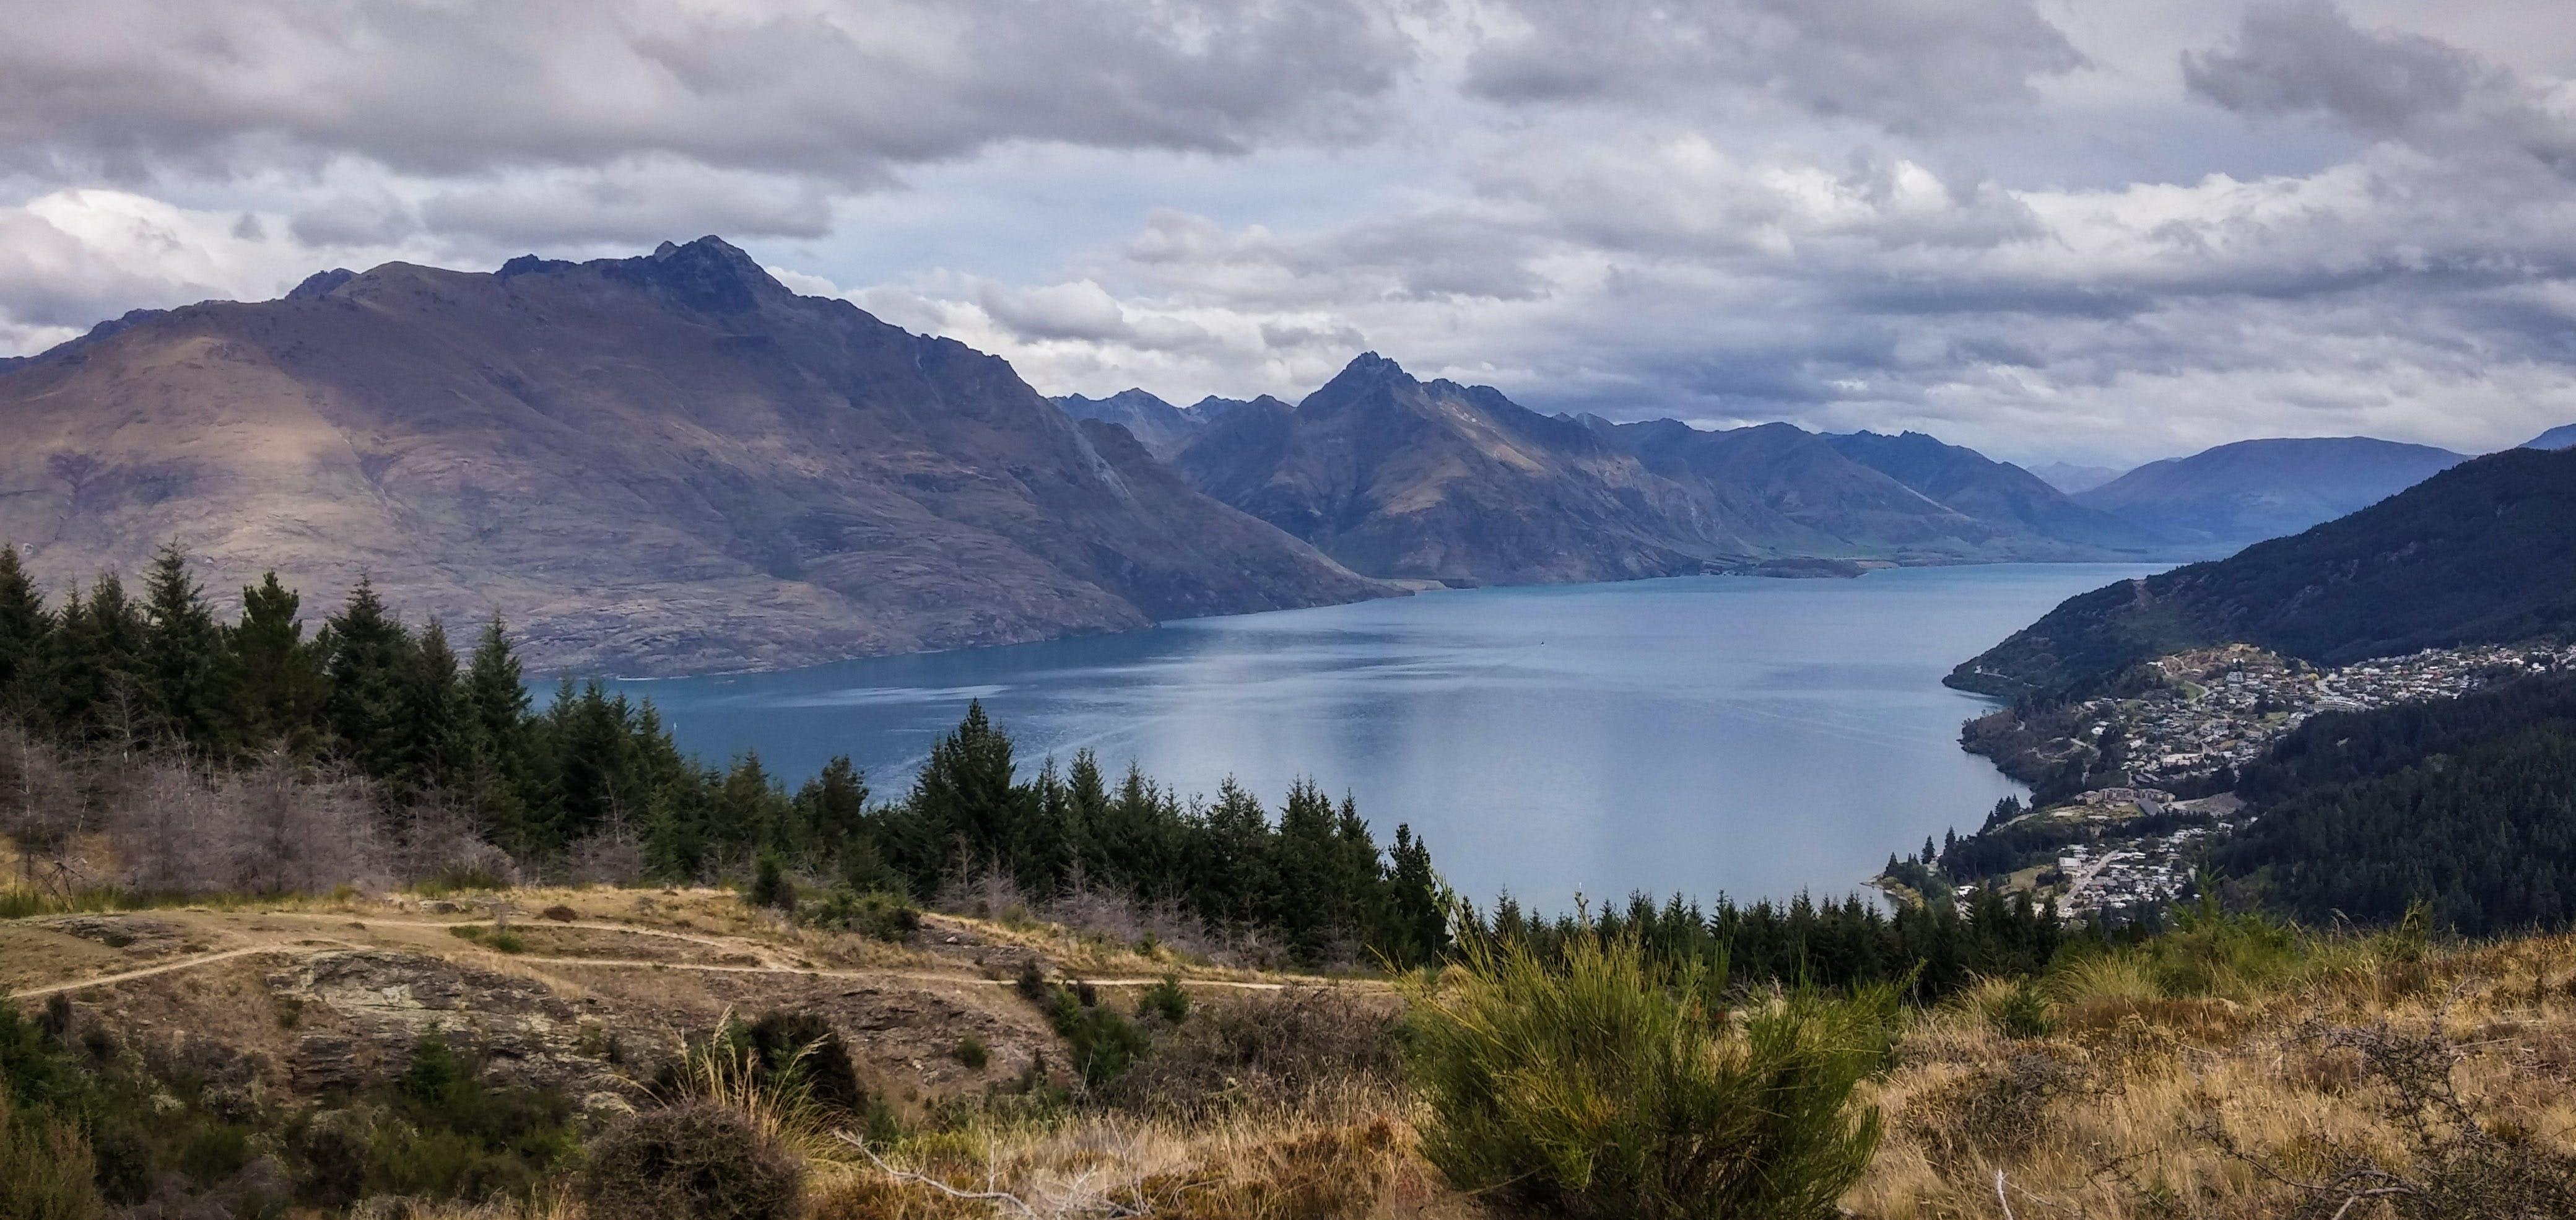 Gratis stockfoto met berg, daglicht, h2o, landschap